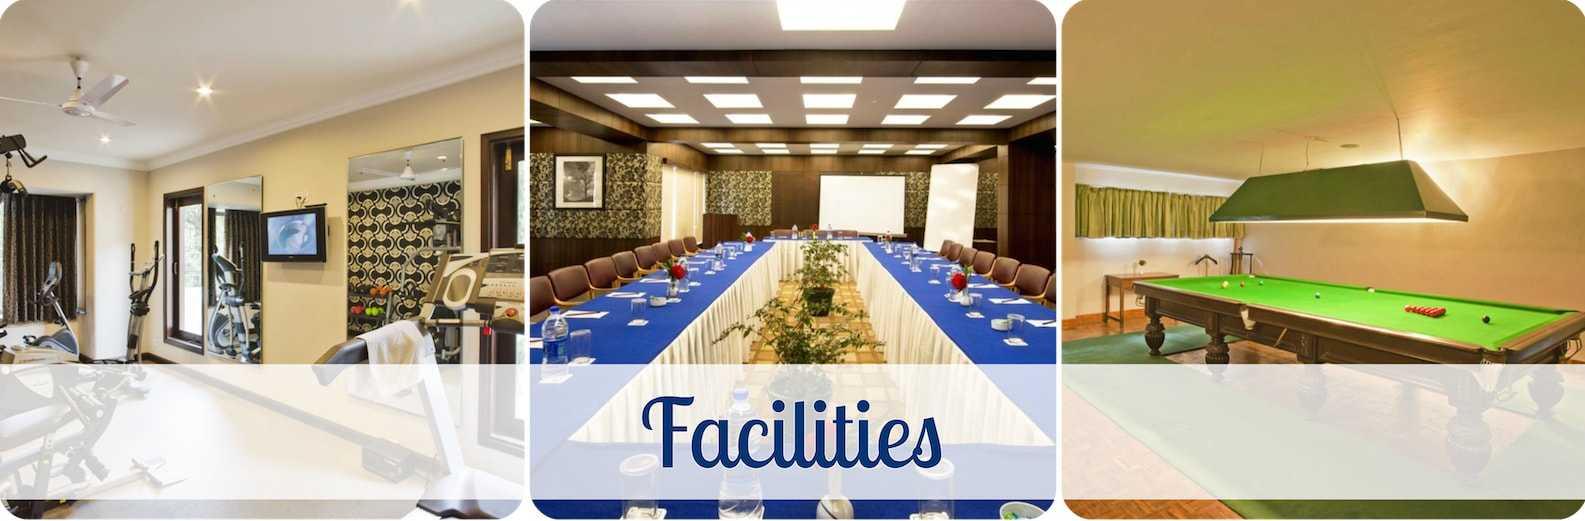 Facilities-at-hotel.